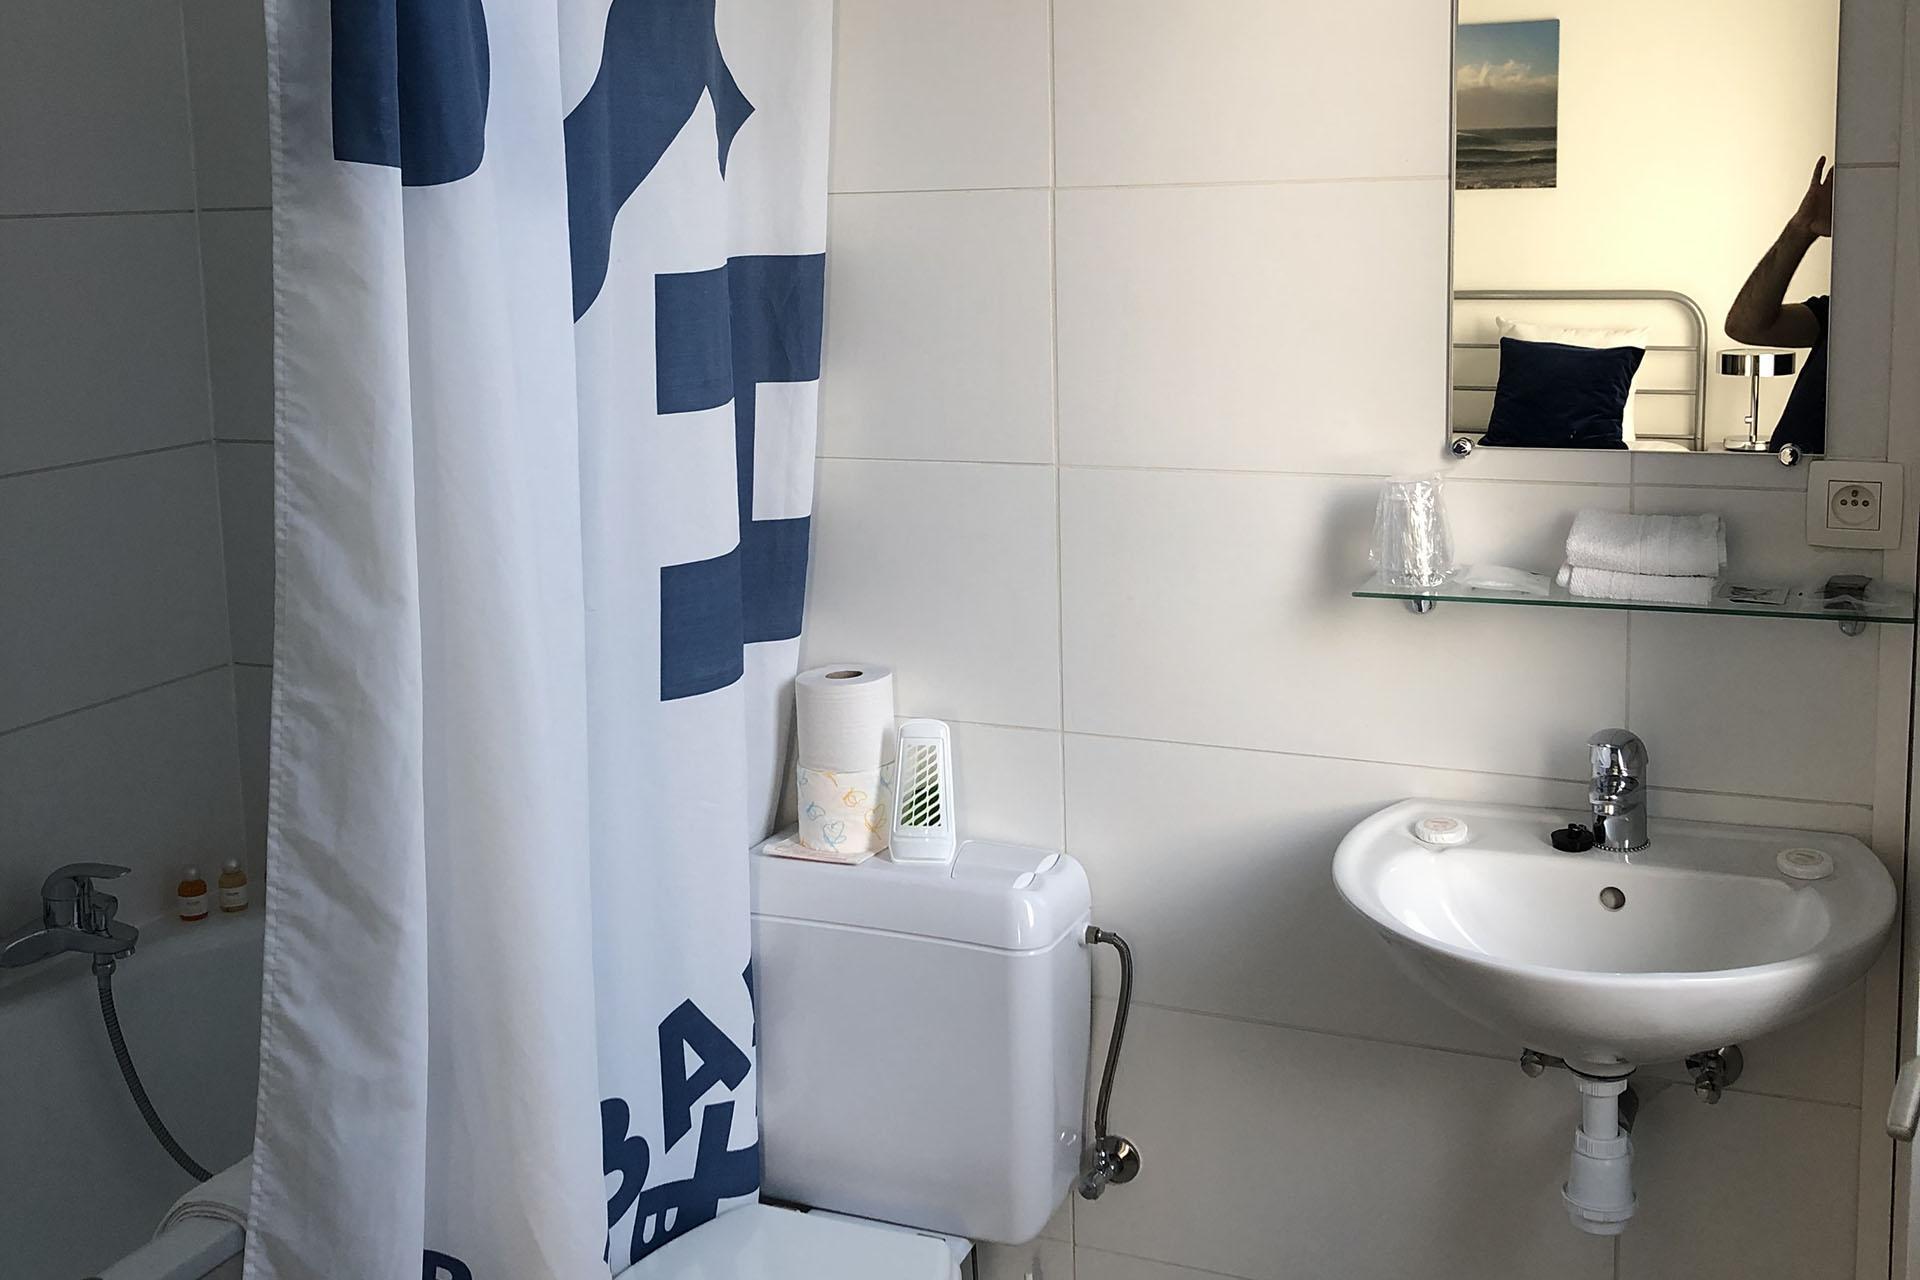 Liege Hôtel Eurotel - Chambre - Salle de bain - Douche